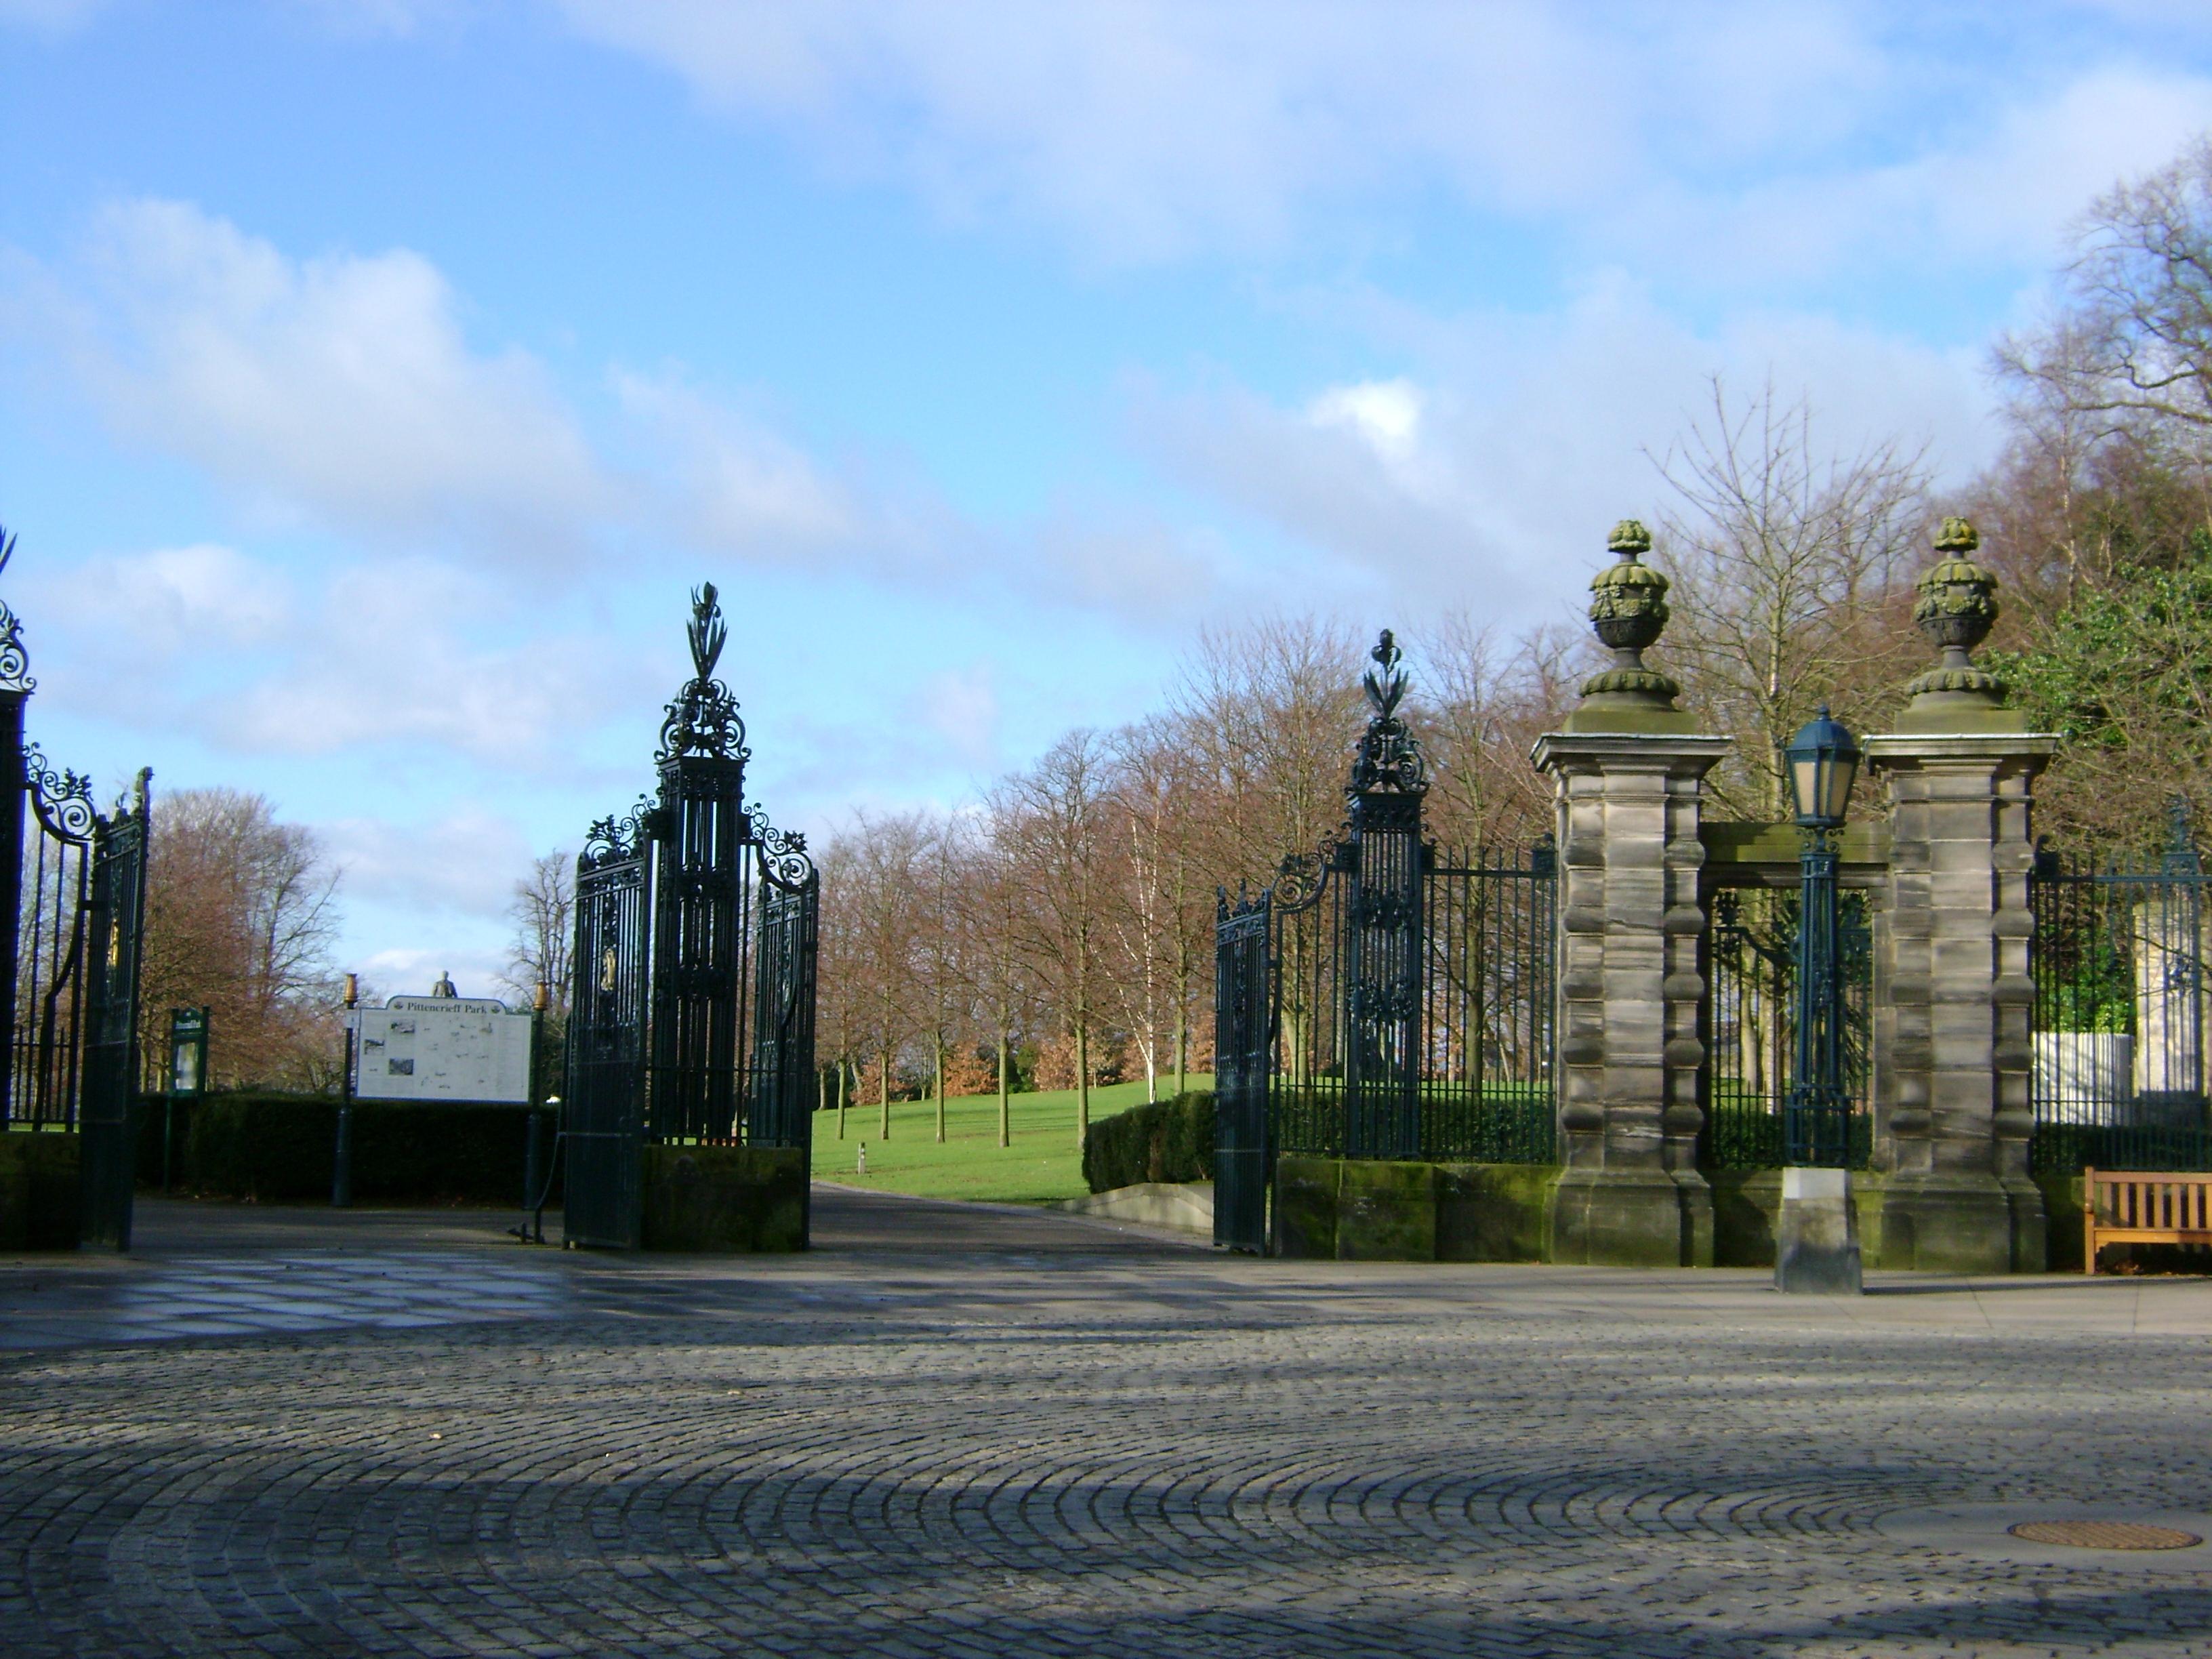 Pittencrieff Park gates